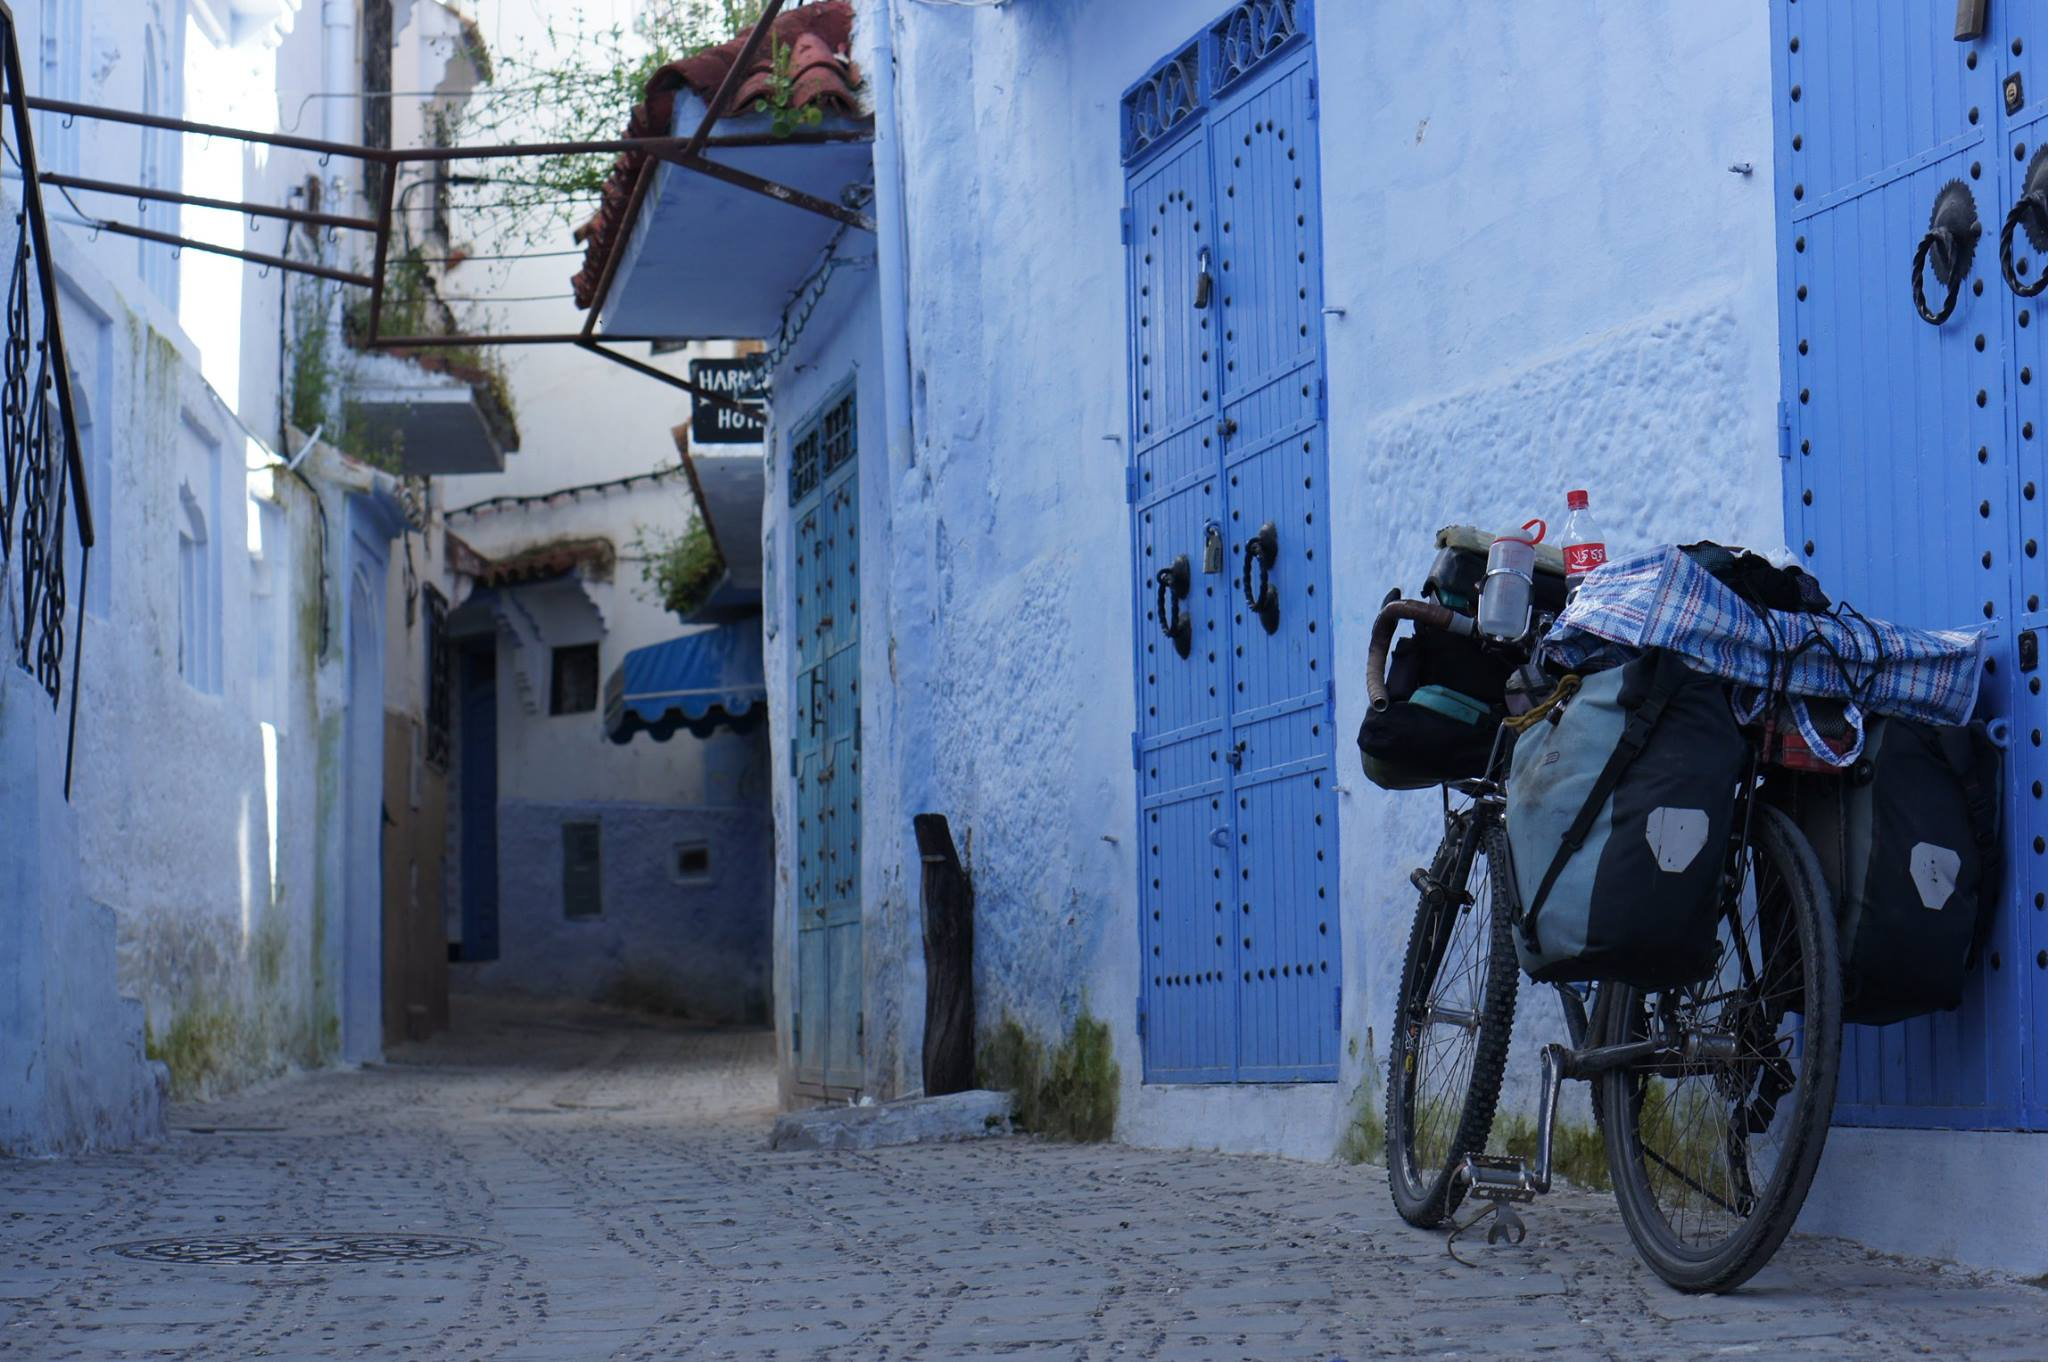 冒険に出たくなること間違いなし!旅の写真が素敵すぎて声がでない【伊藤篤史の自転車世界一周写真集】 (24)